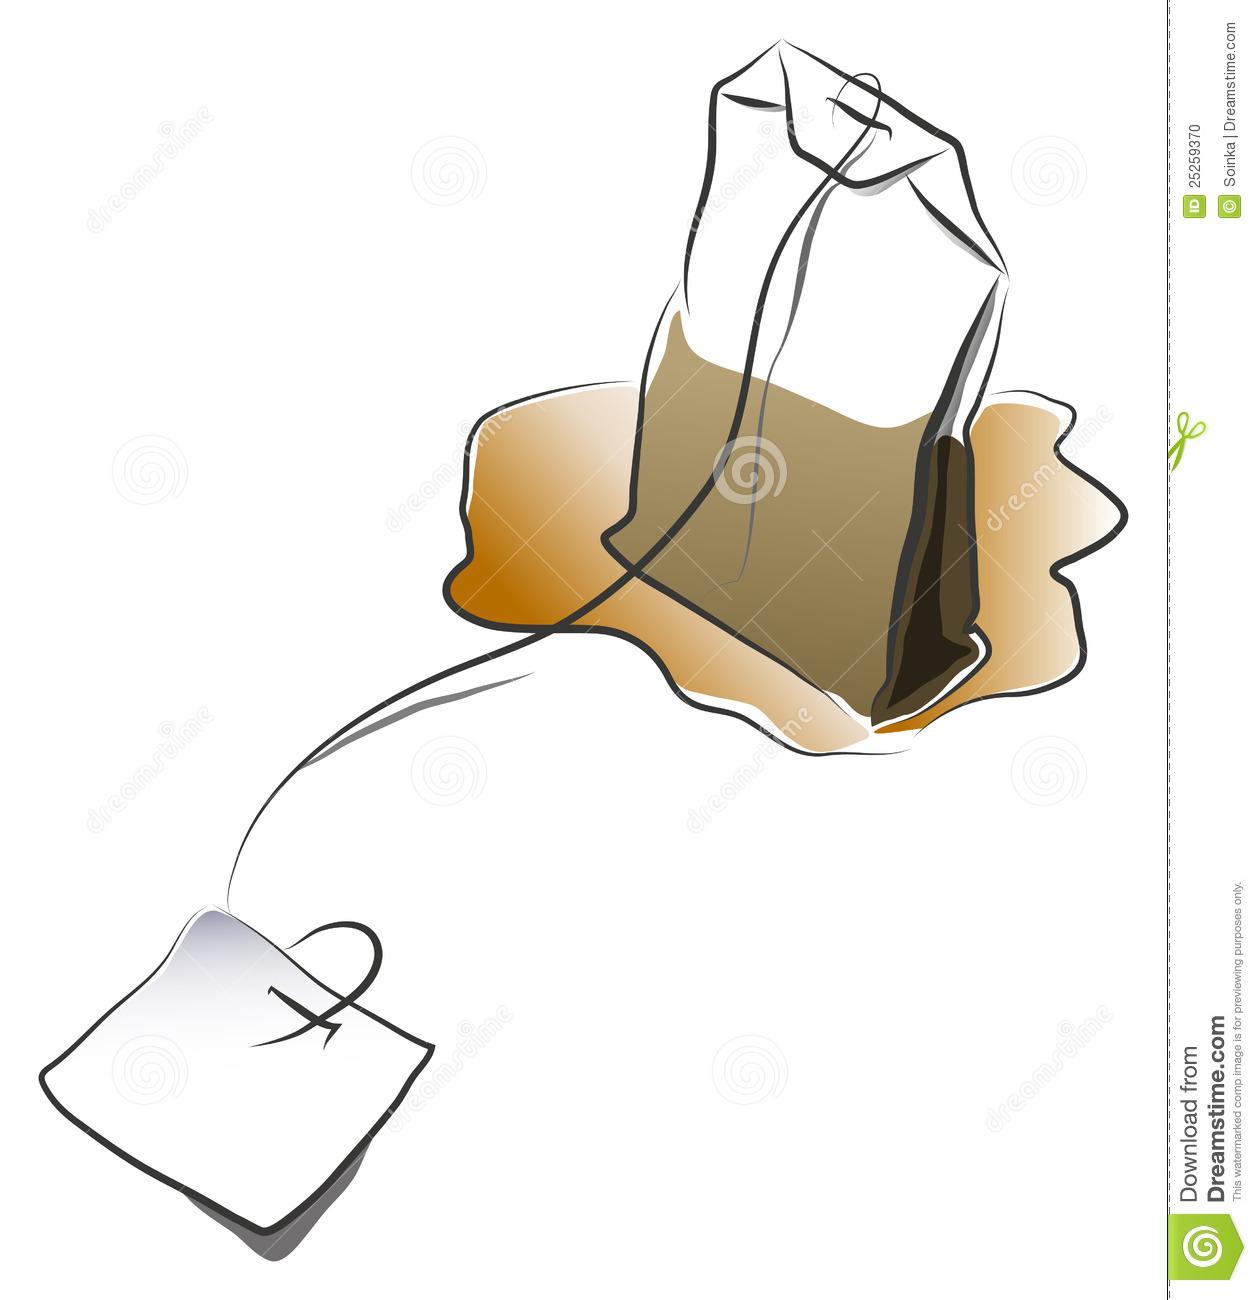 Tea Bag Clipart.